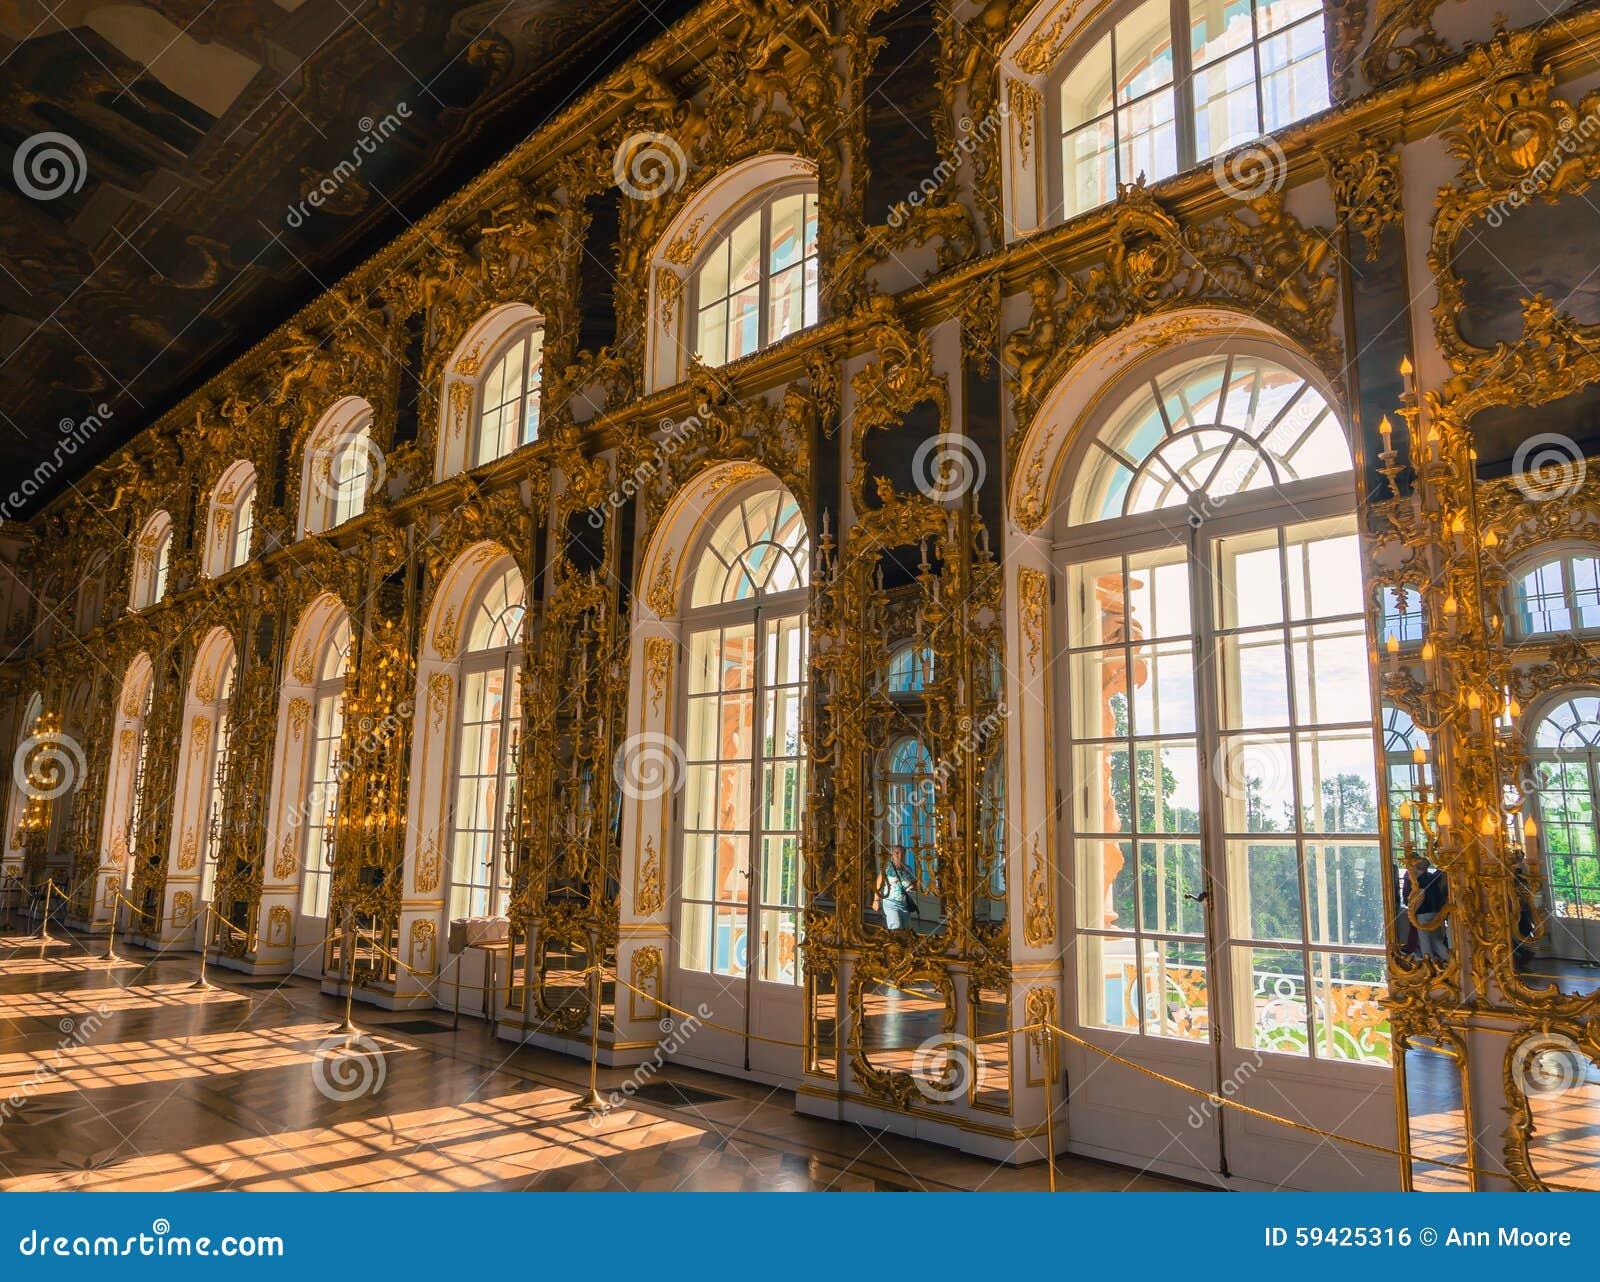 看在大厅下有被镀金的金装饰的凯瑟琳宫殿和镜子和窗口.图片